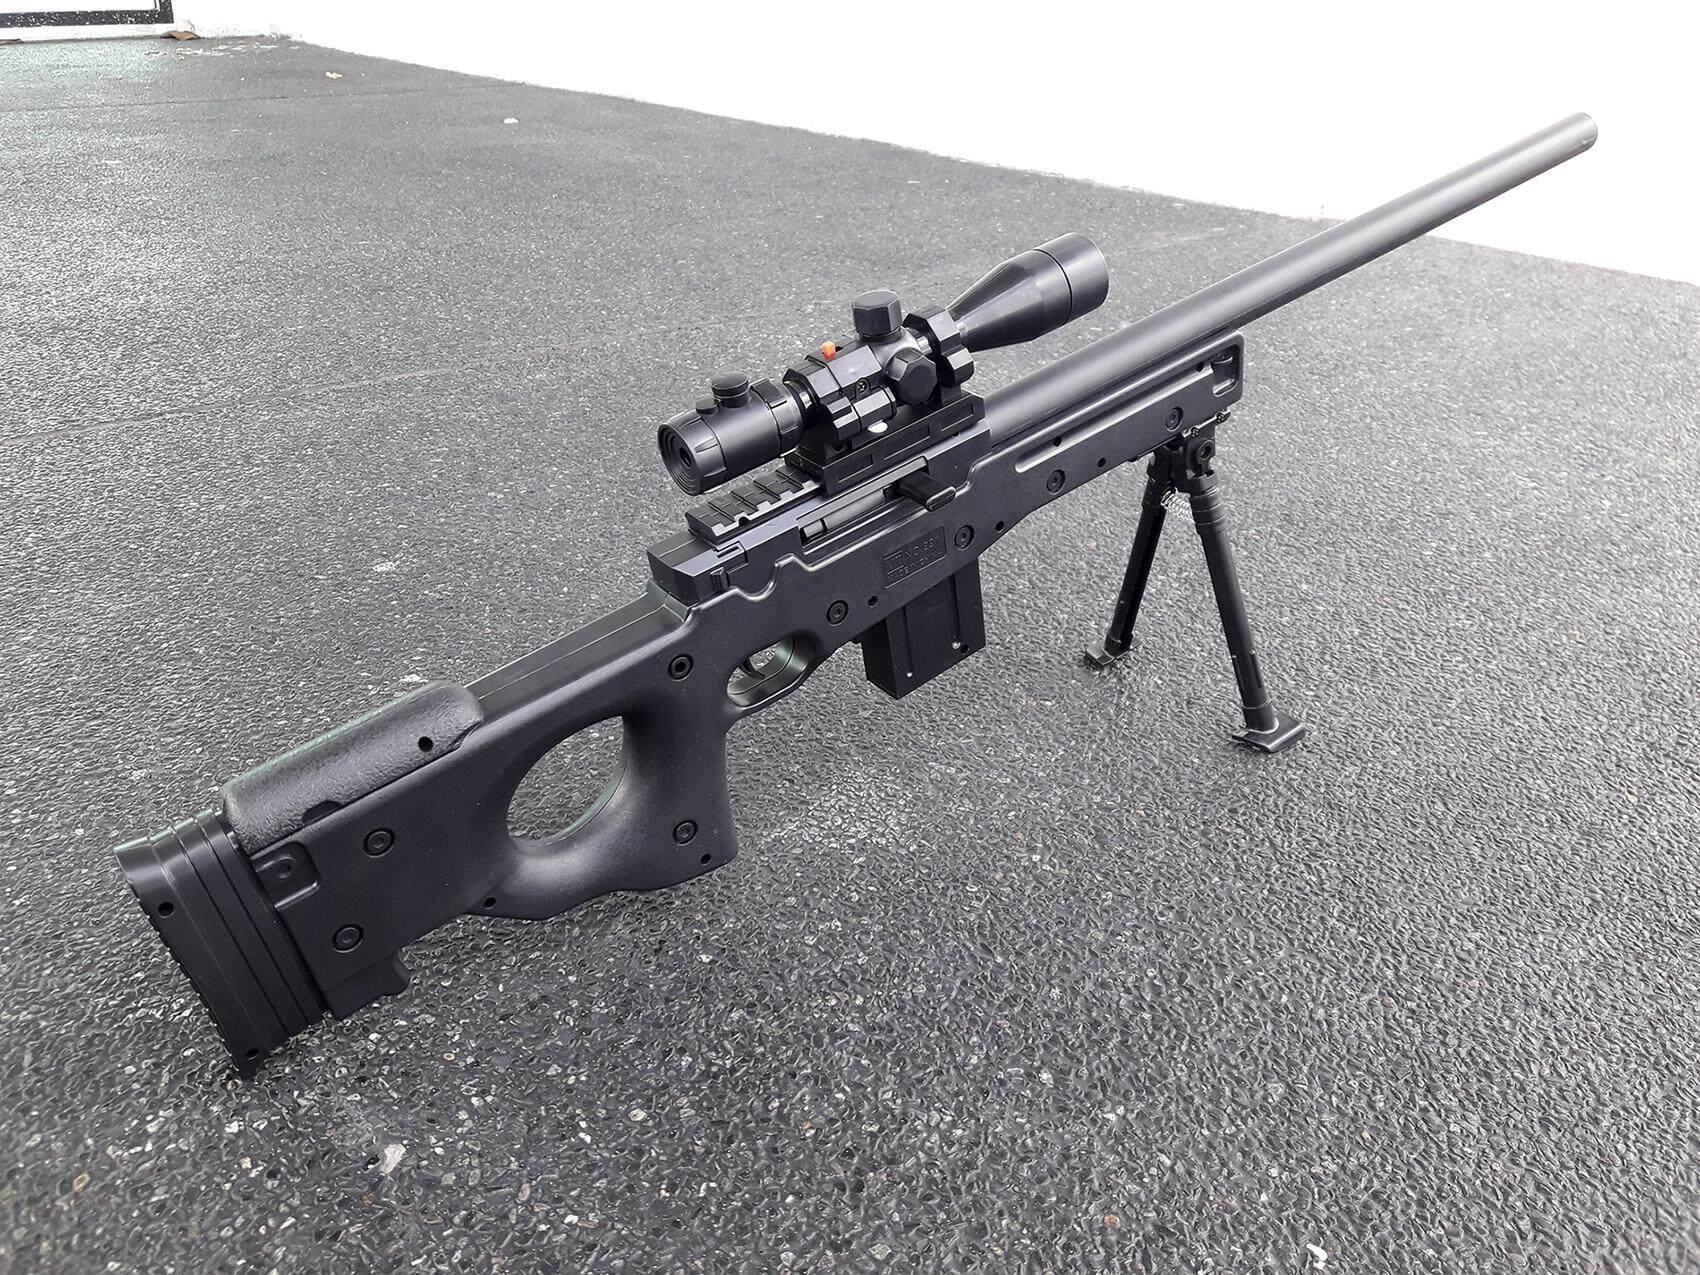 Khoaoat Toys ปืนอัดลม ปืนสไนเปอร์อัดลม ลำกล้องติดเลเซอร์ บอดี้พลาสติกแข็ง รุ่น Mt.991 By Khoaoat Toys.